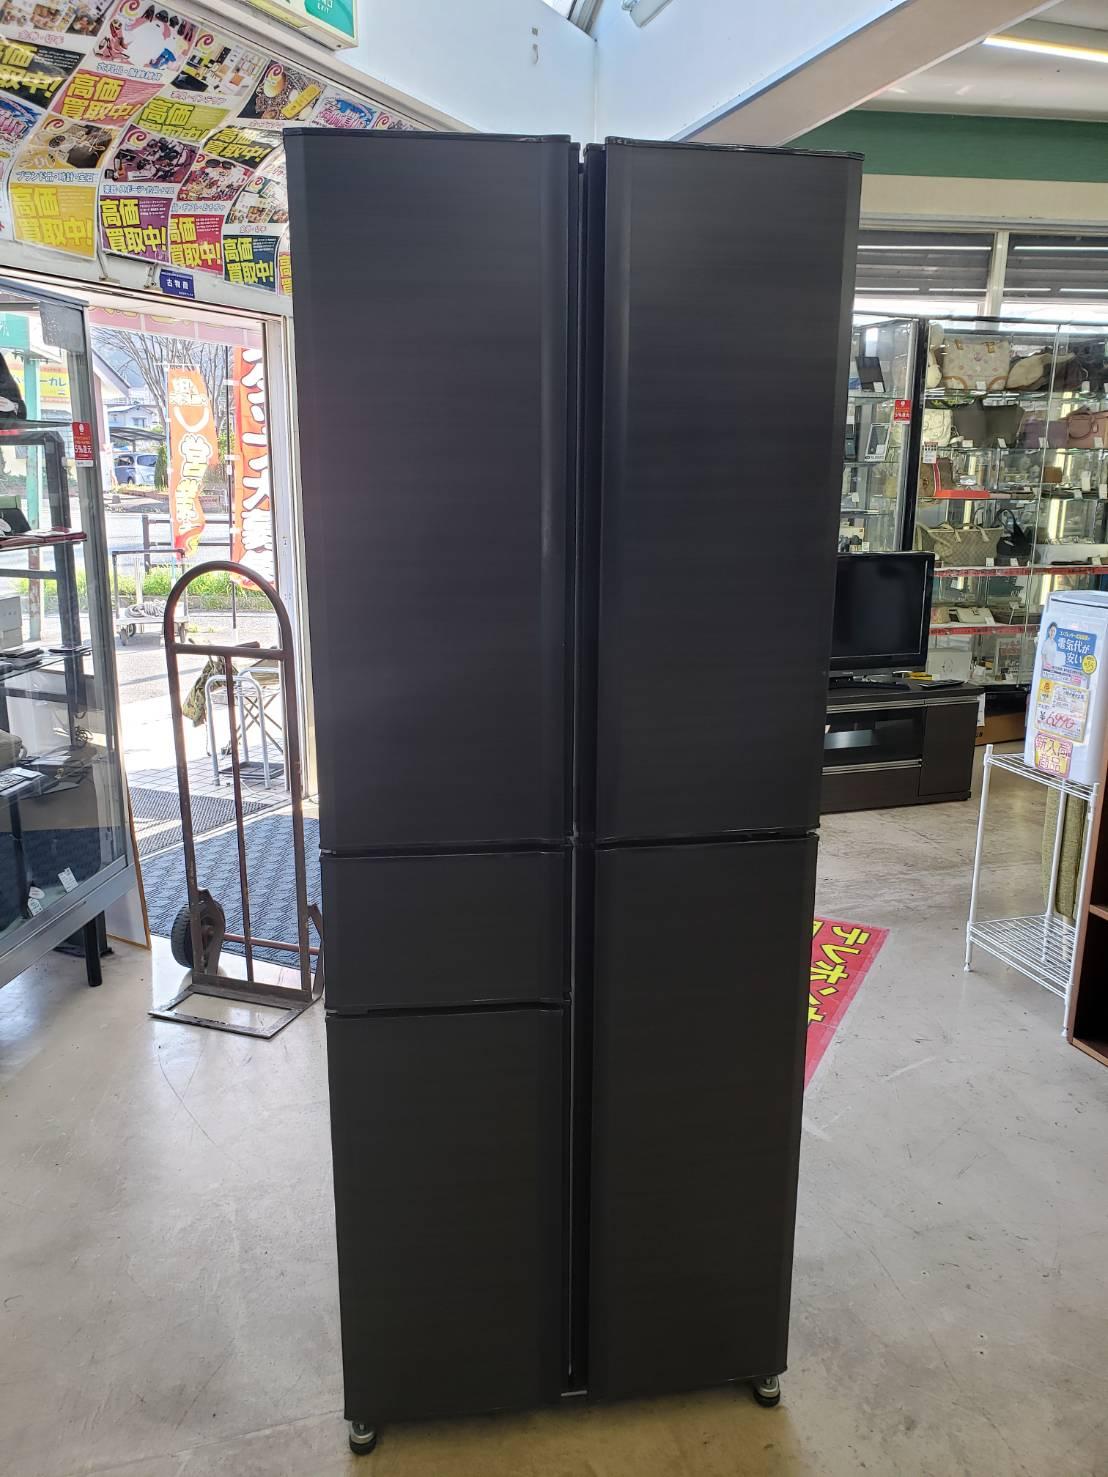 MITSUBISHI / ミツビシ 405L冷蔵庫 MR-A41YW ブラウン 買取致しました。の買取-